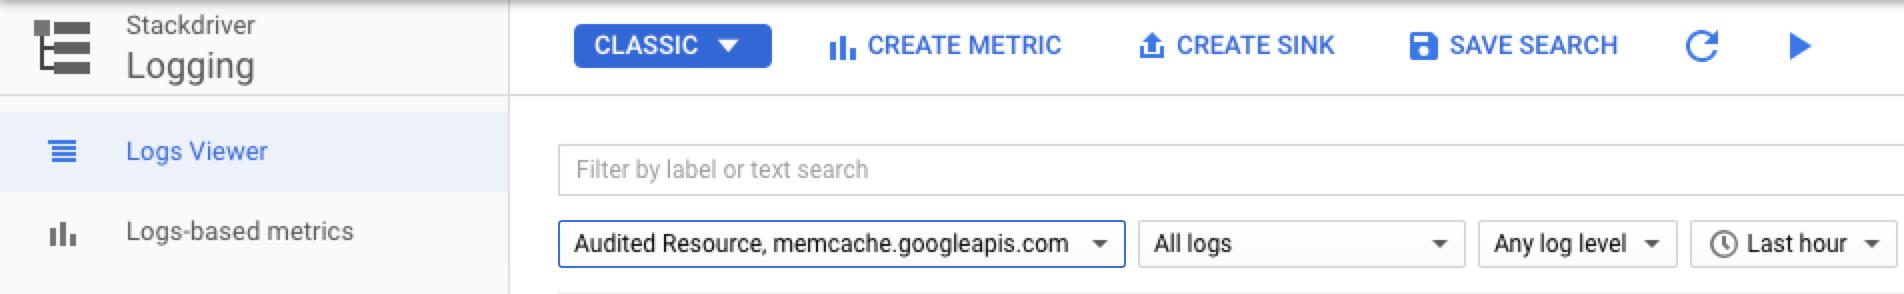 Captura de tela do visualizador de registros